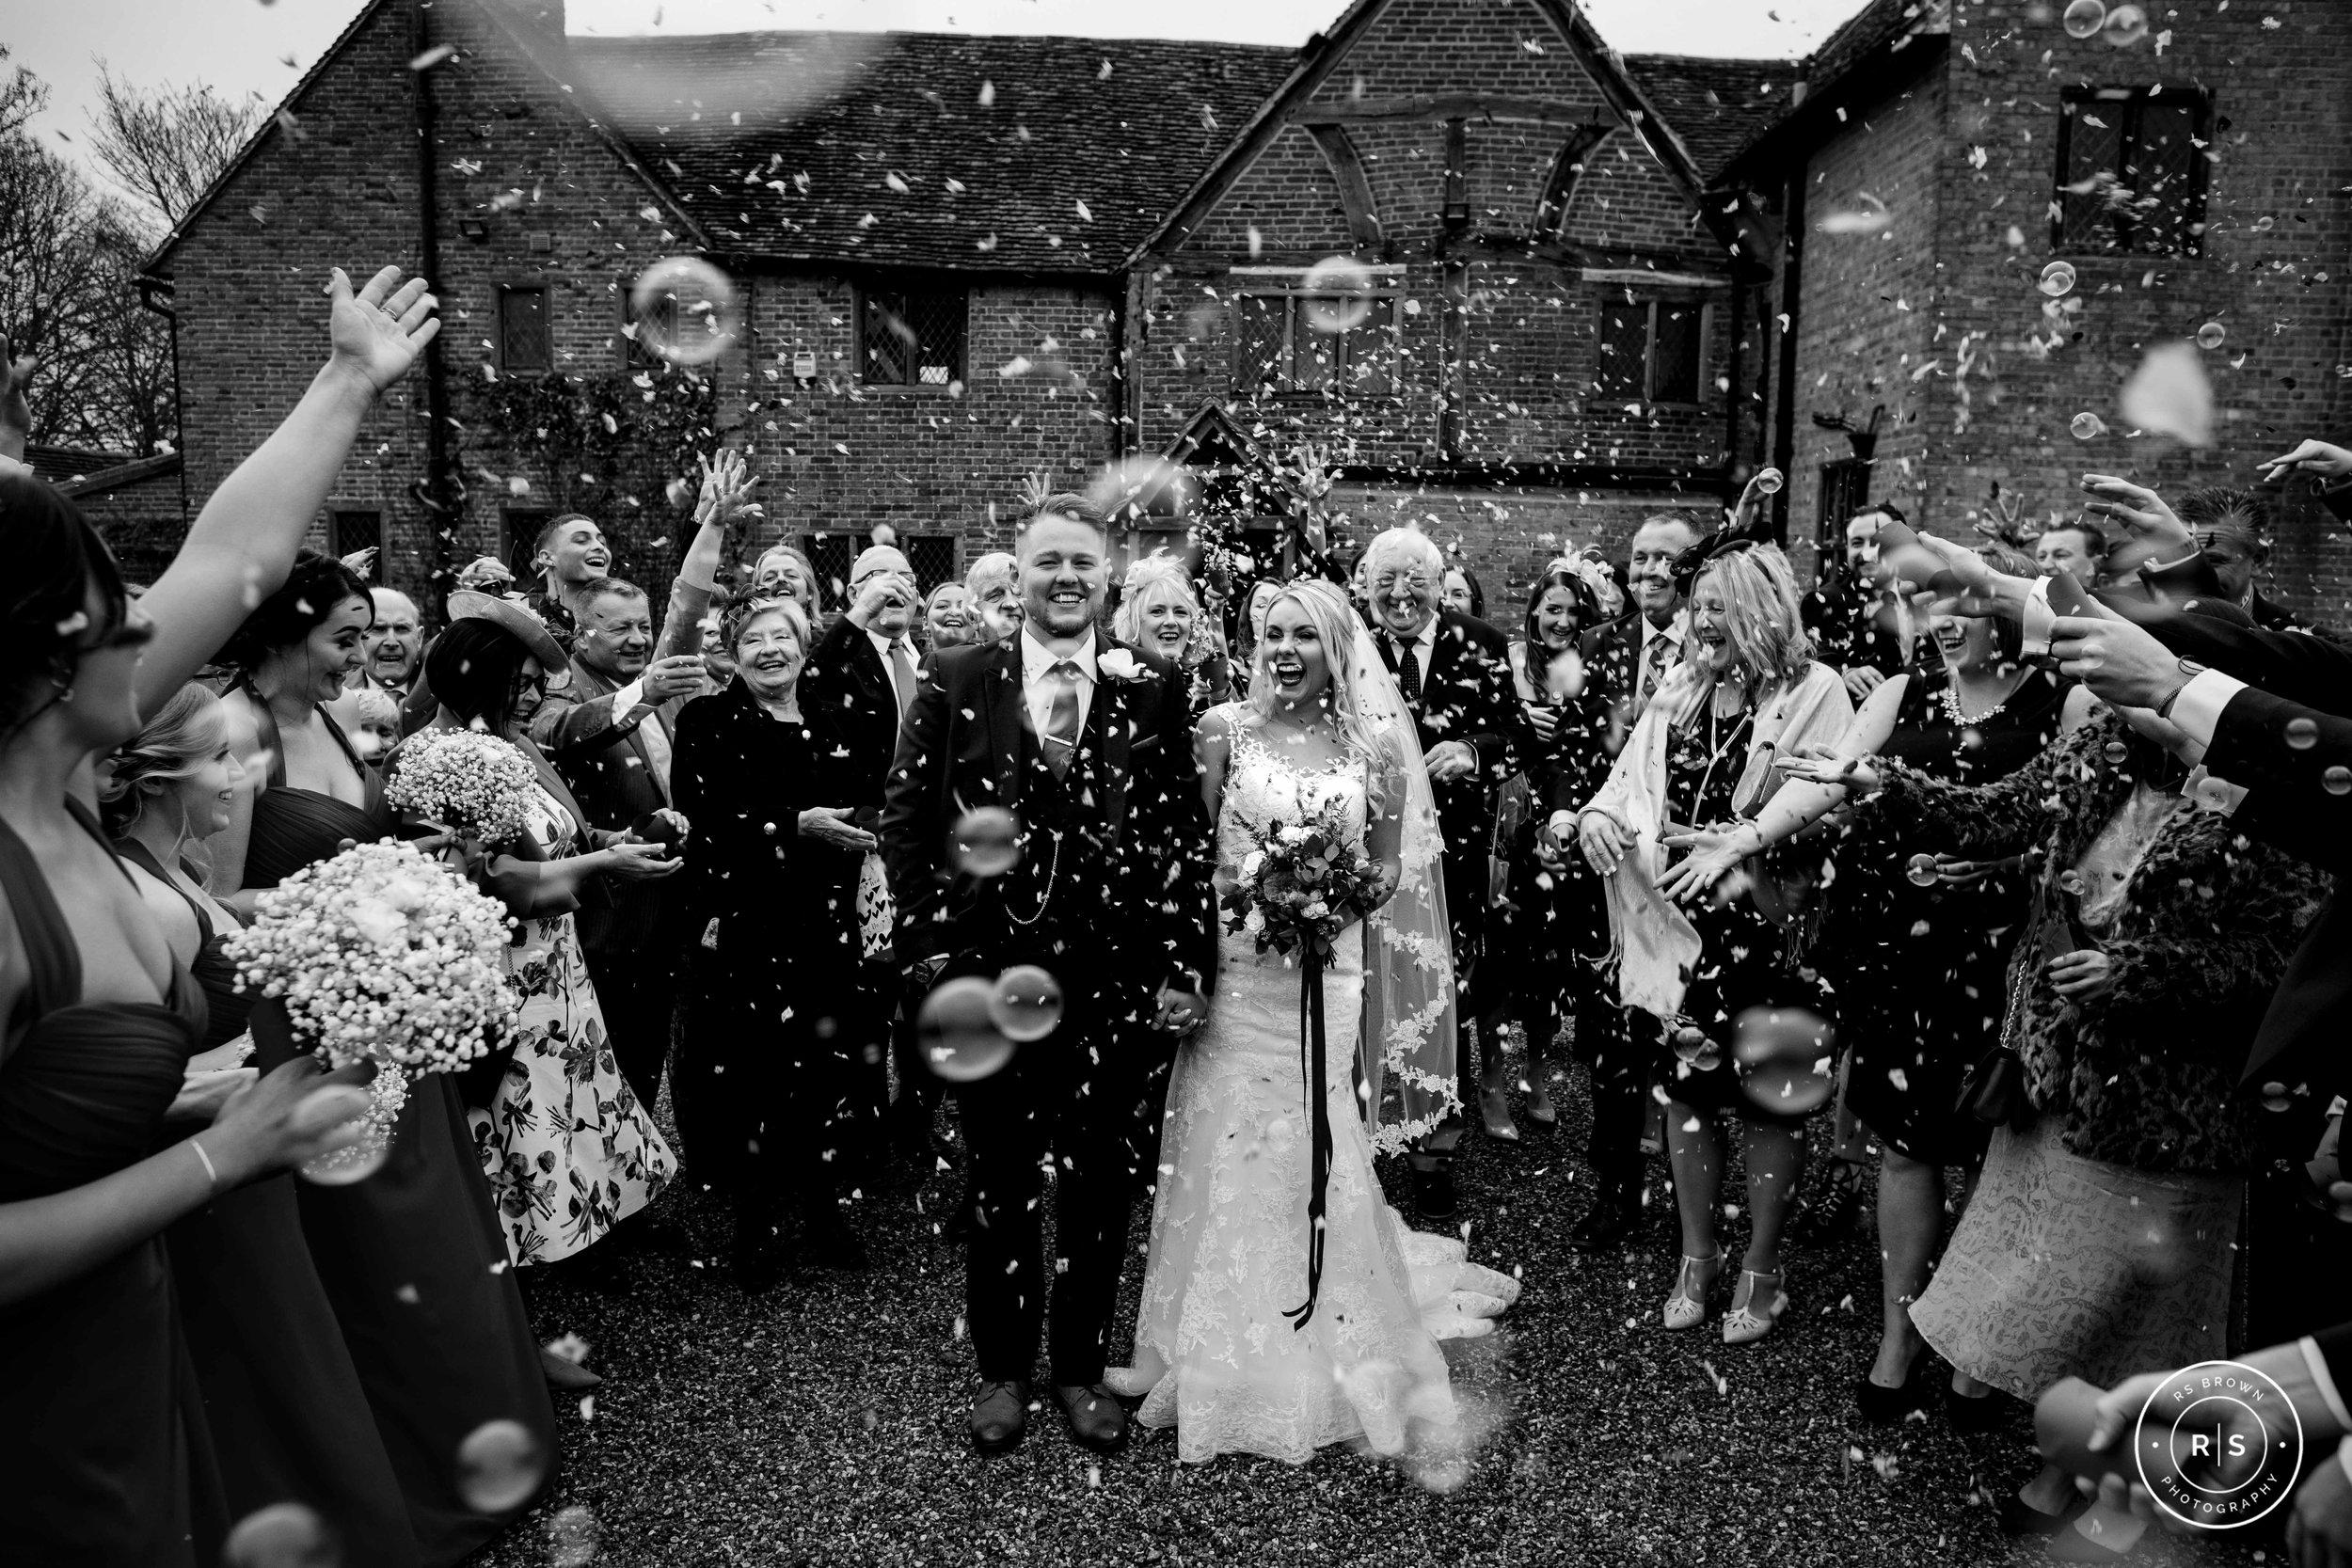 lillibrooke manor confetti-1.jpg